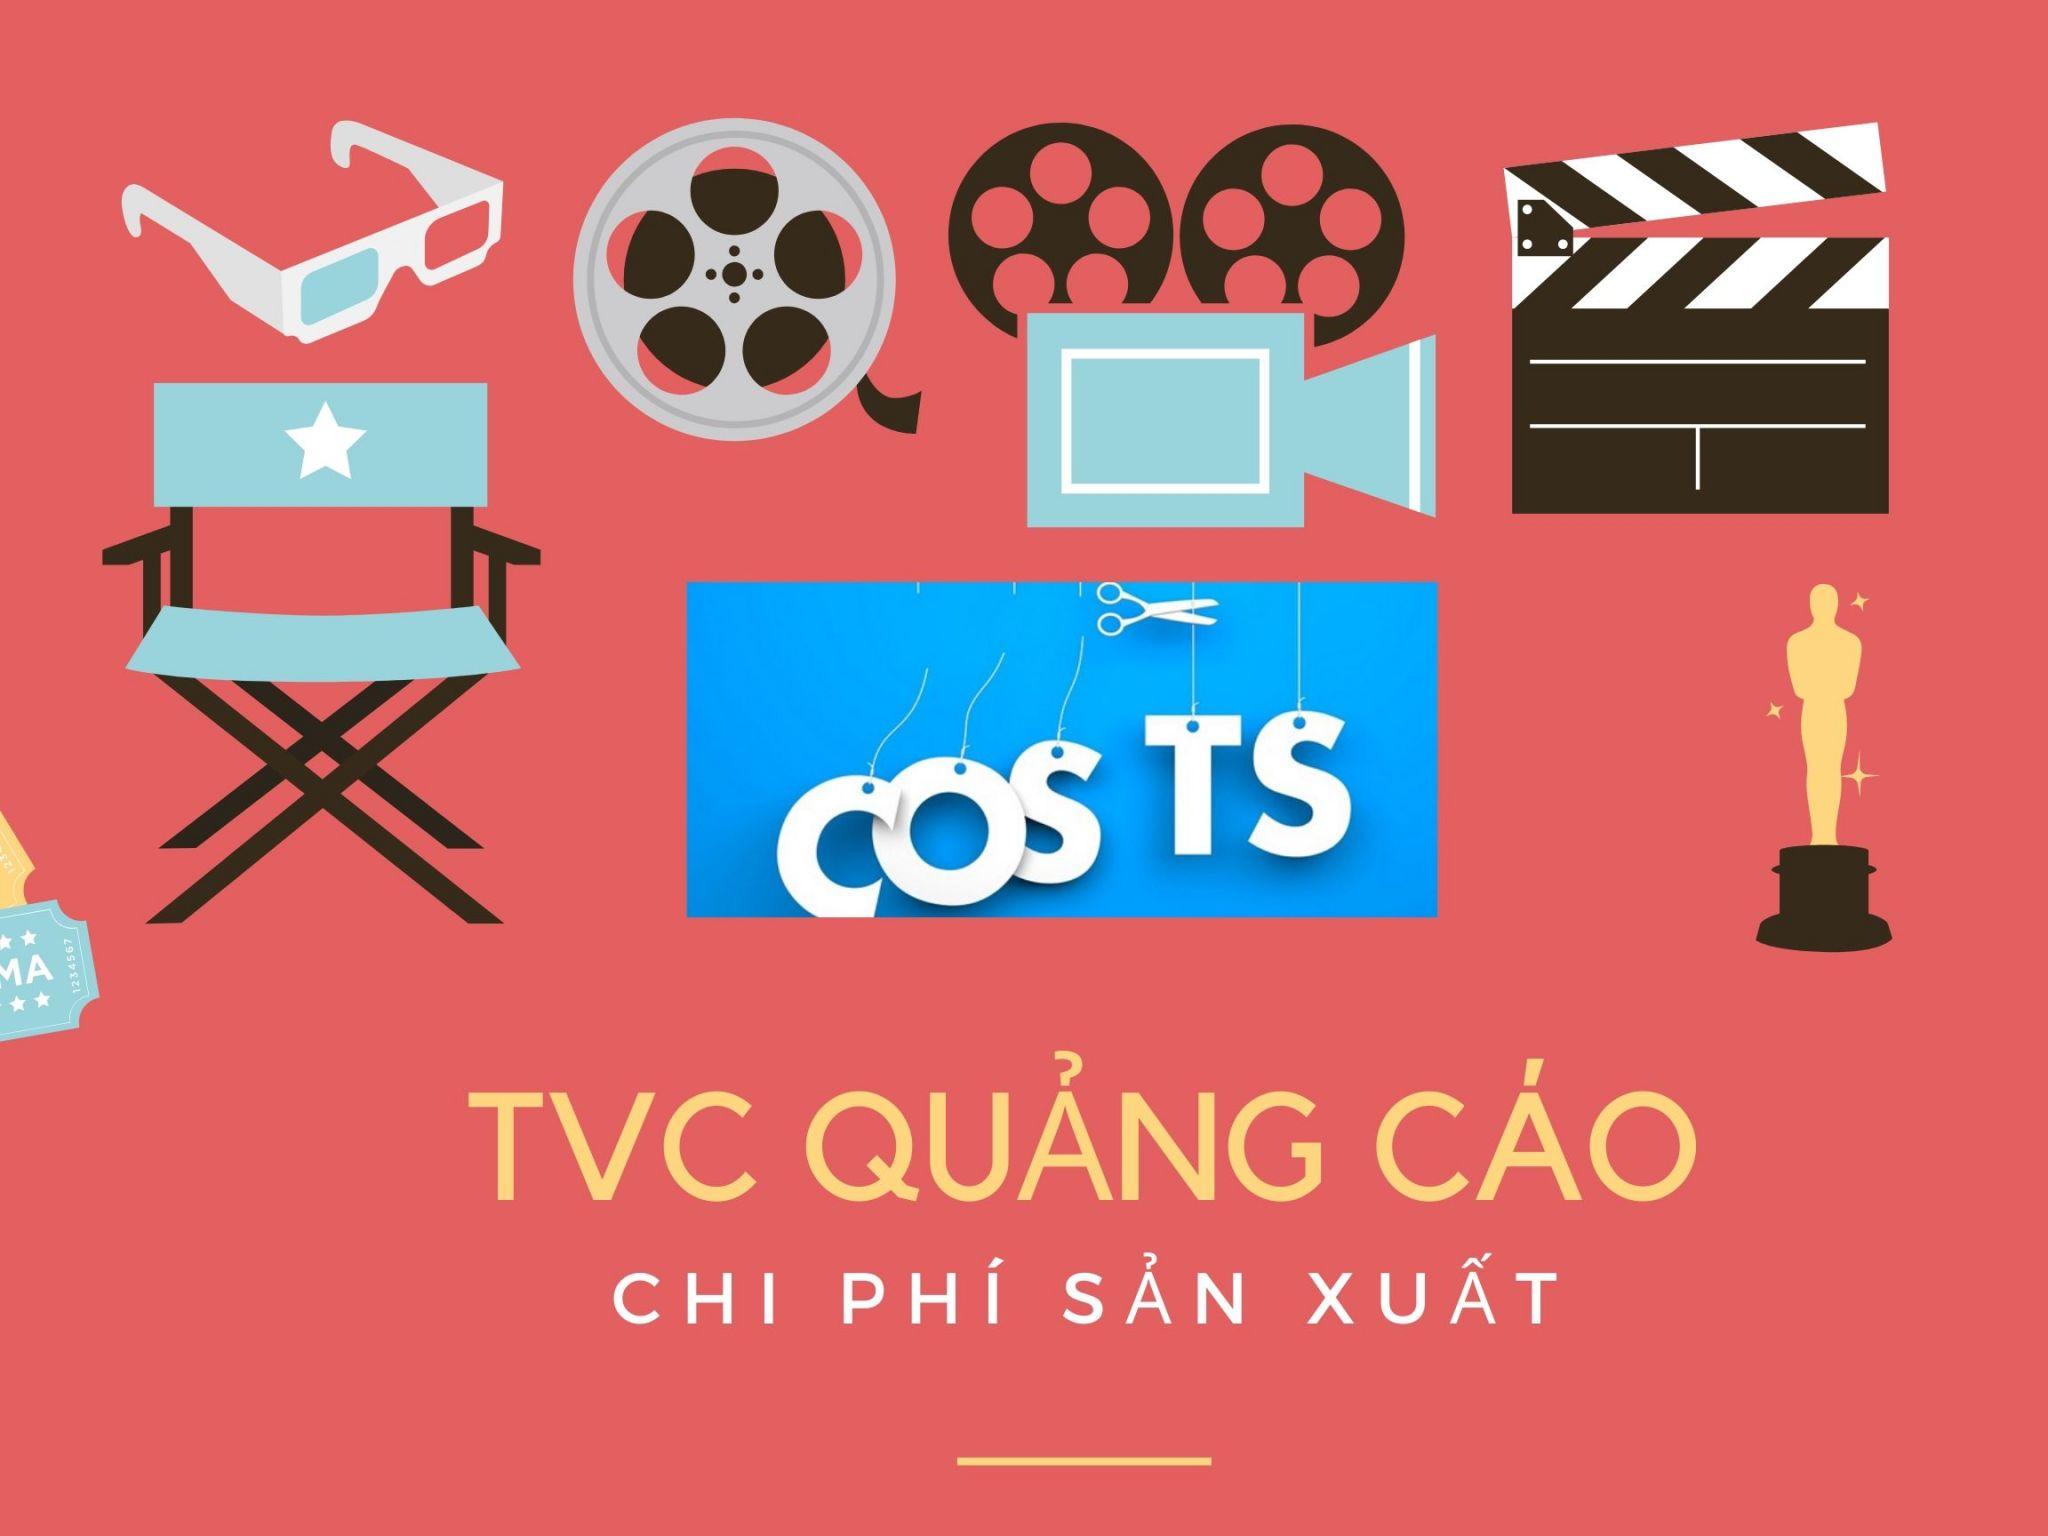 Chi phí cho một TVC quảng cáo